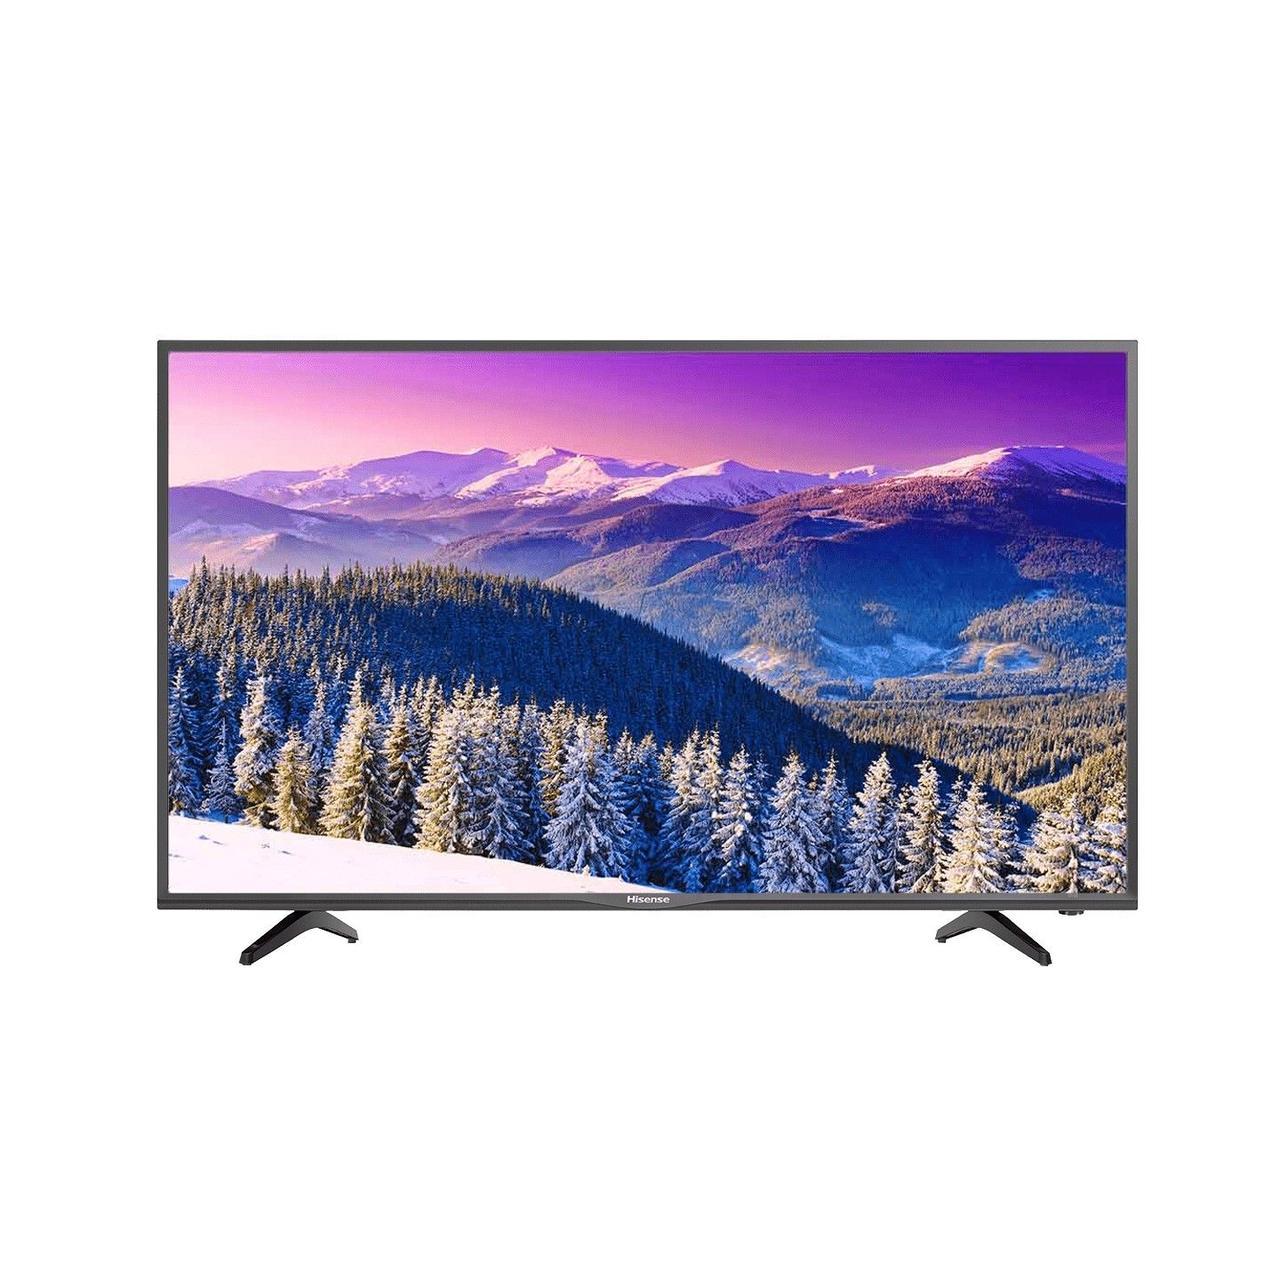 Телевизор YASIN LED-50E5000 SMART, Full HD